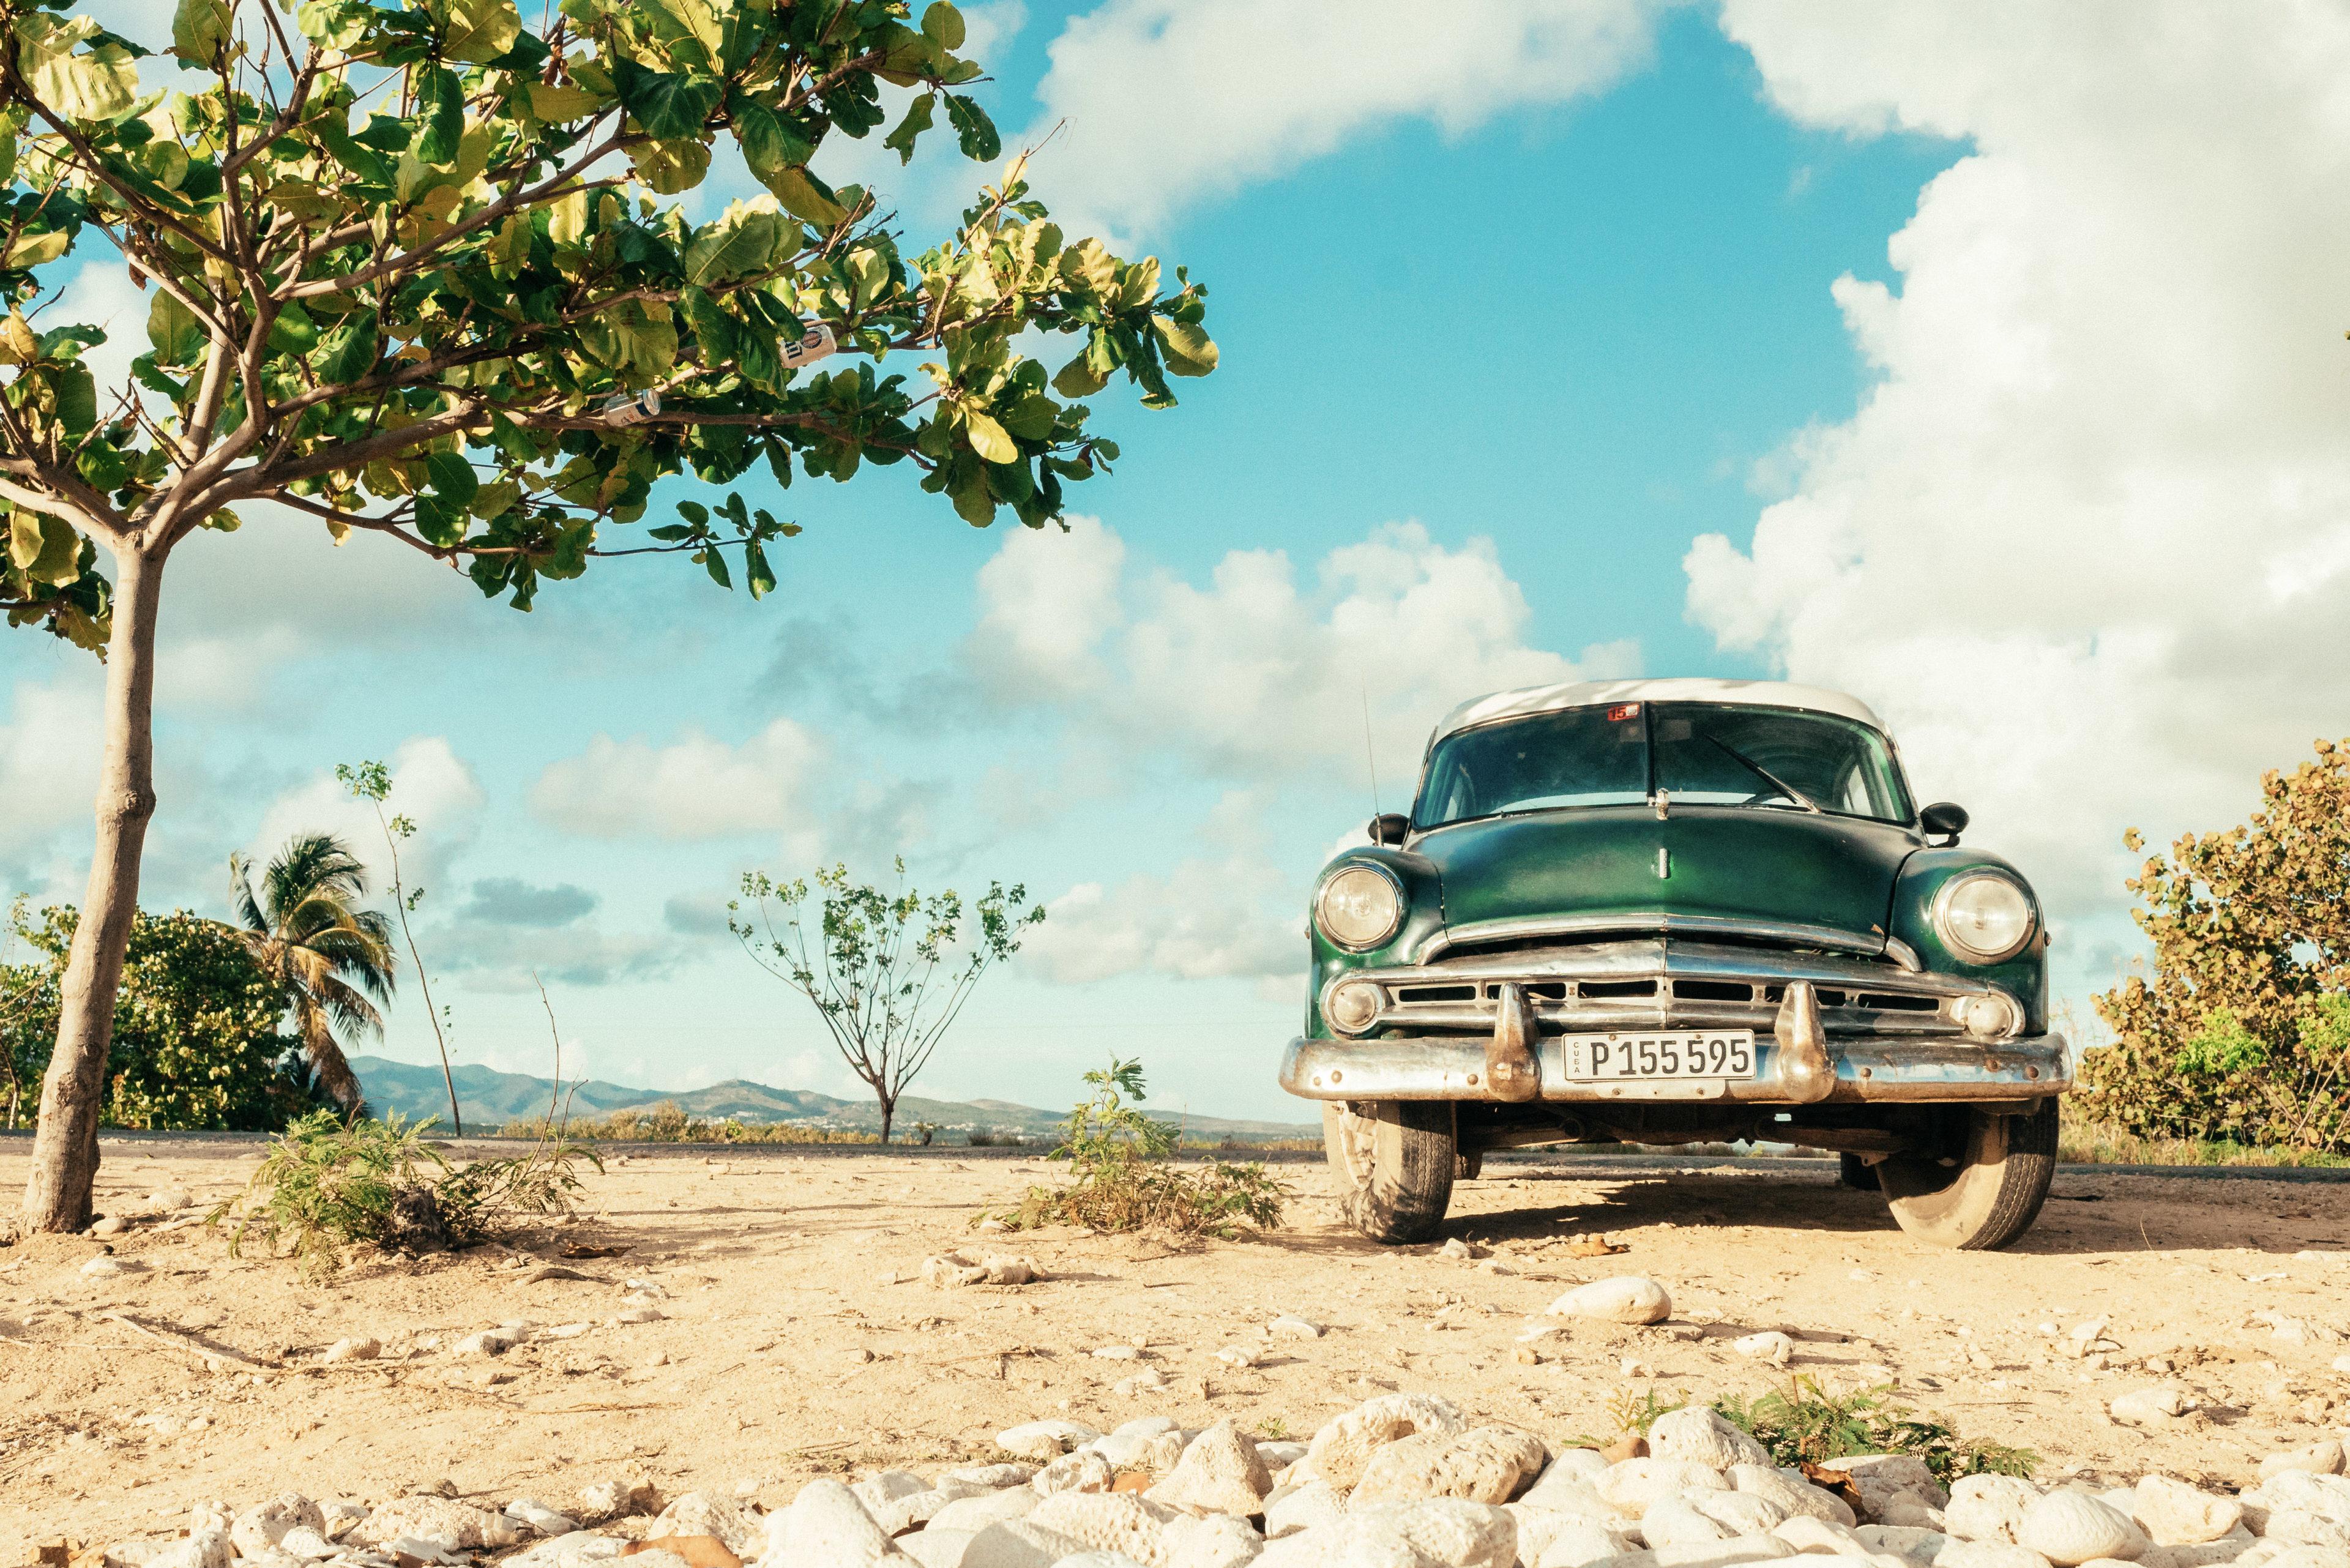 Ein Oldtimer steht in einer steppenartigen Landschaft in Kuba